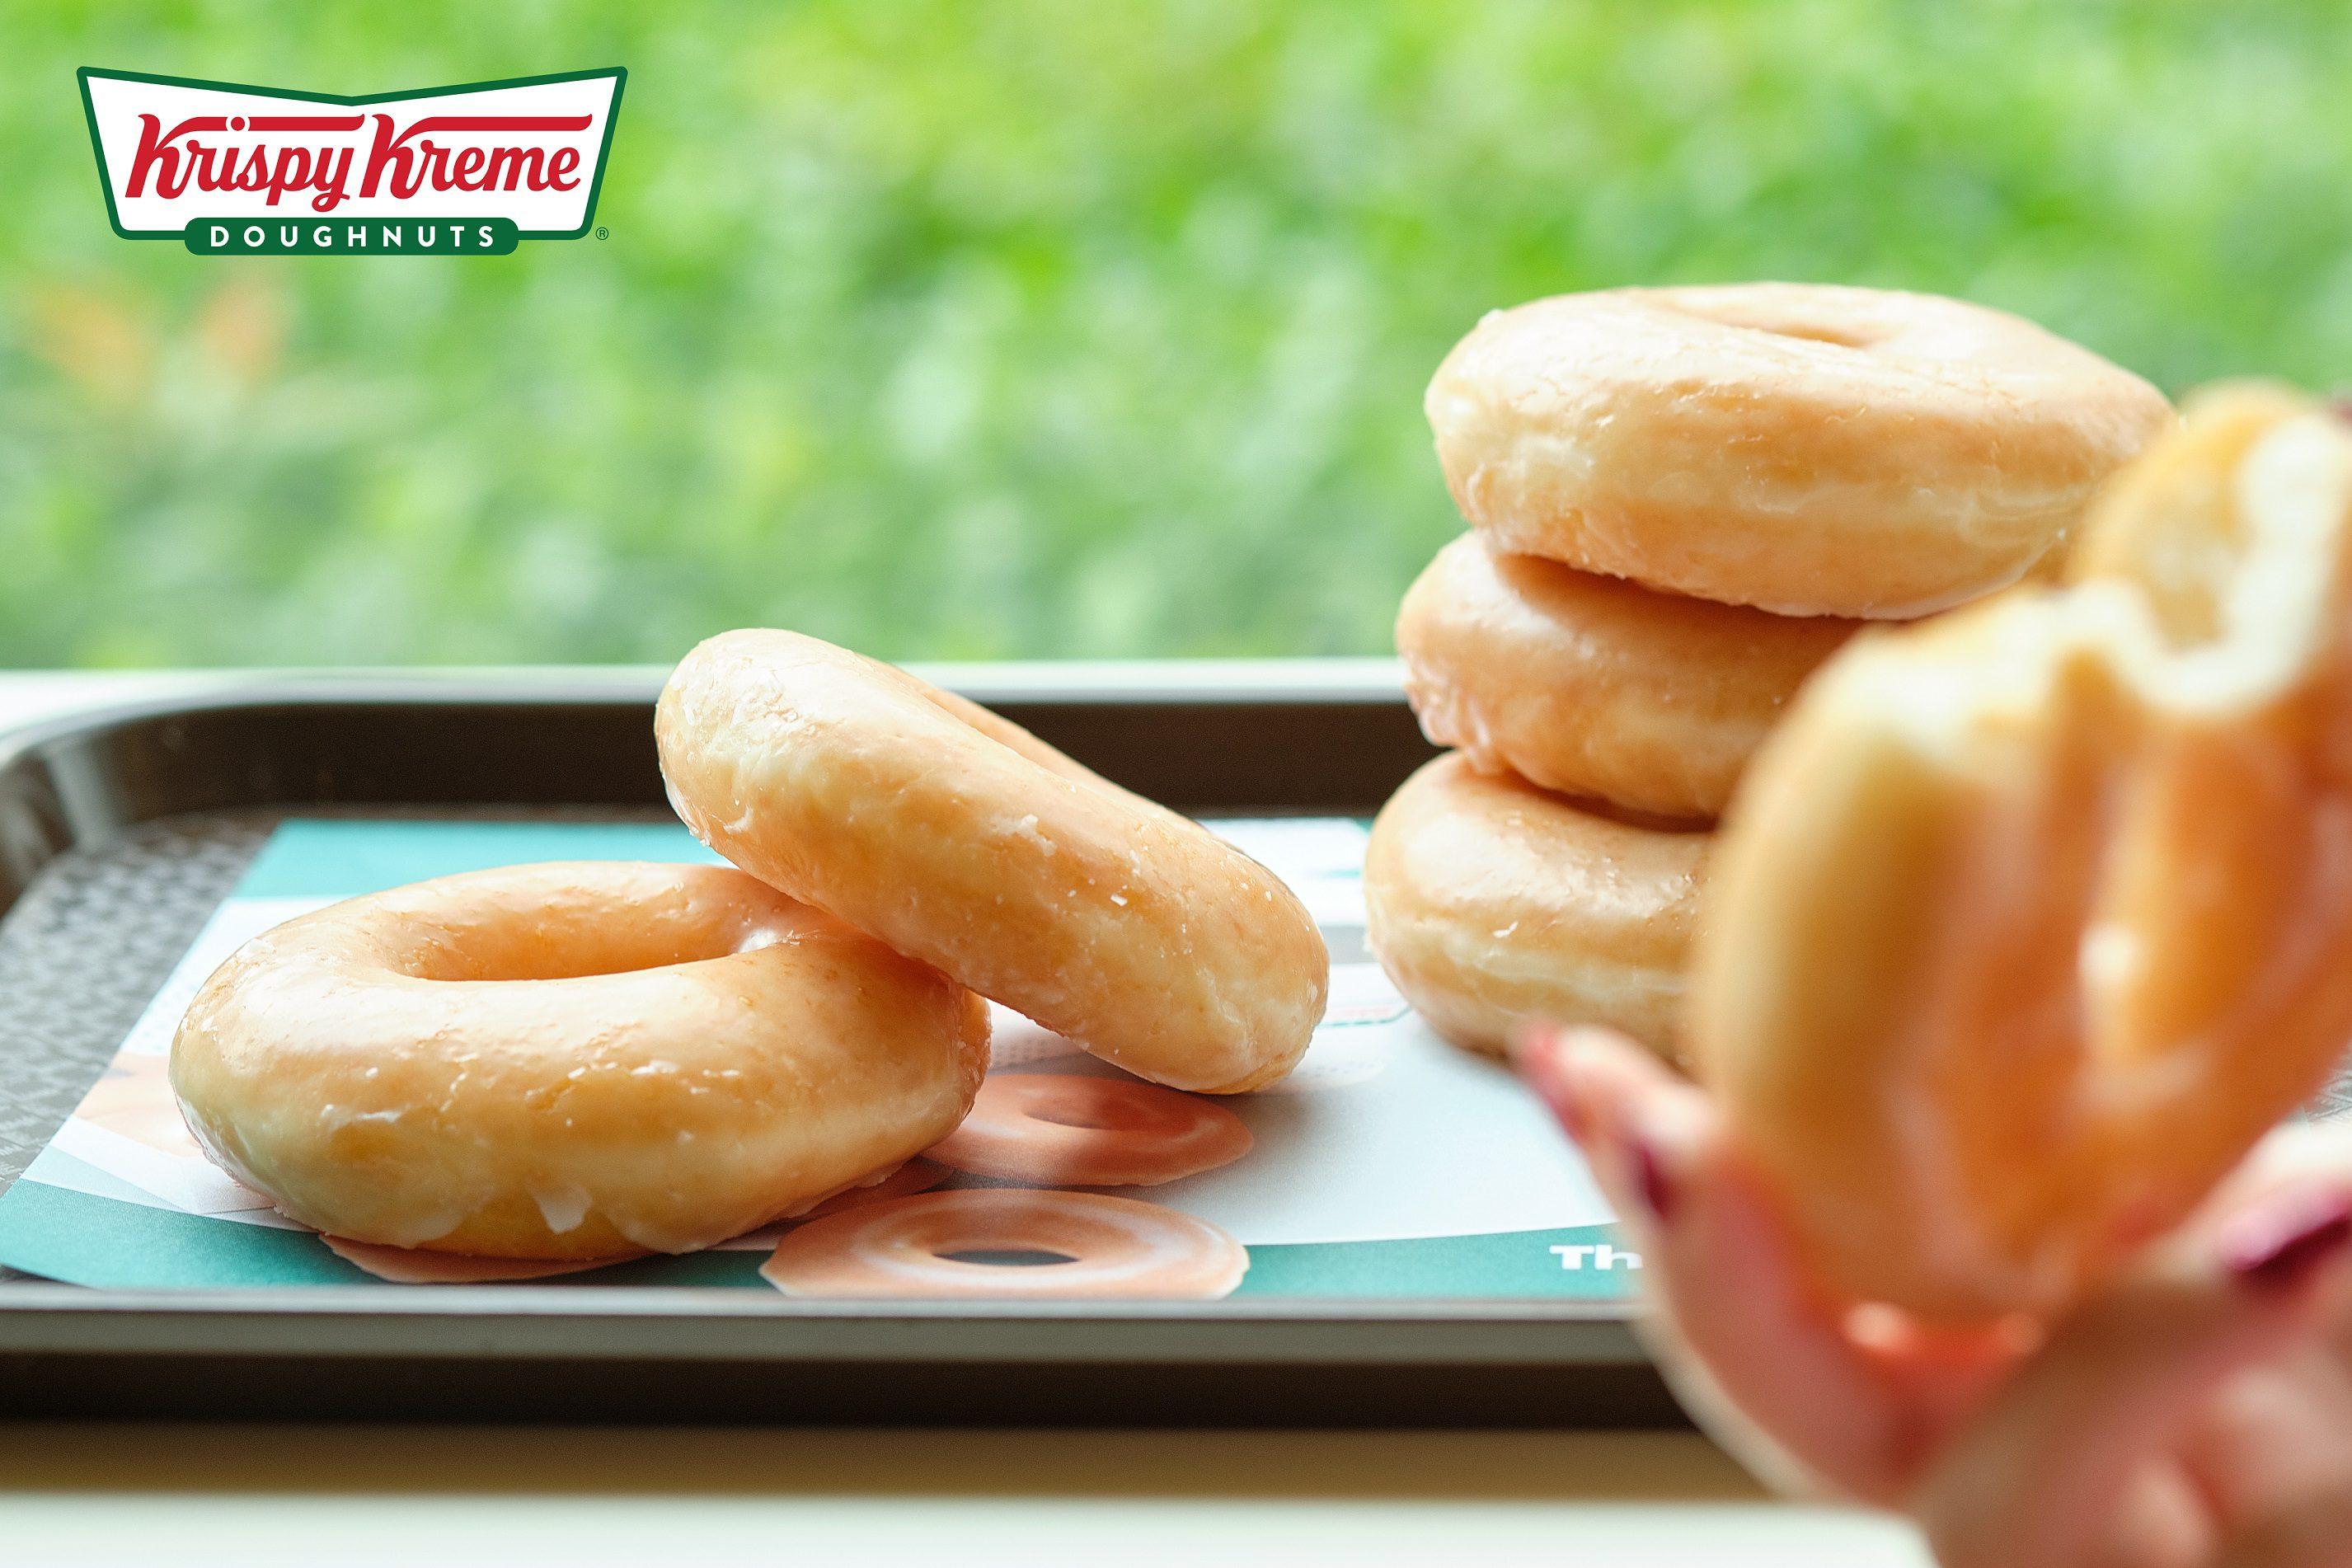 ความสุขแบบคู่ ของคนมีรัก ที่ Krispy Kreme @ I'm Chinatown